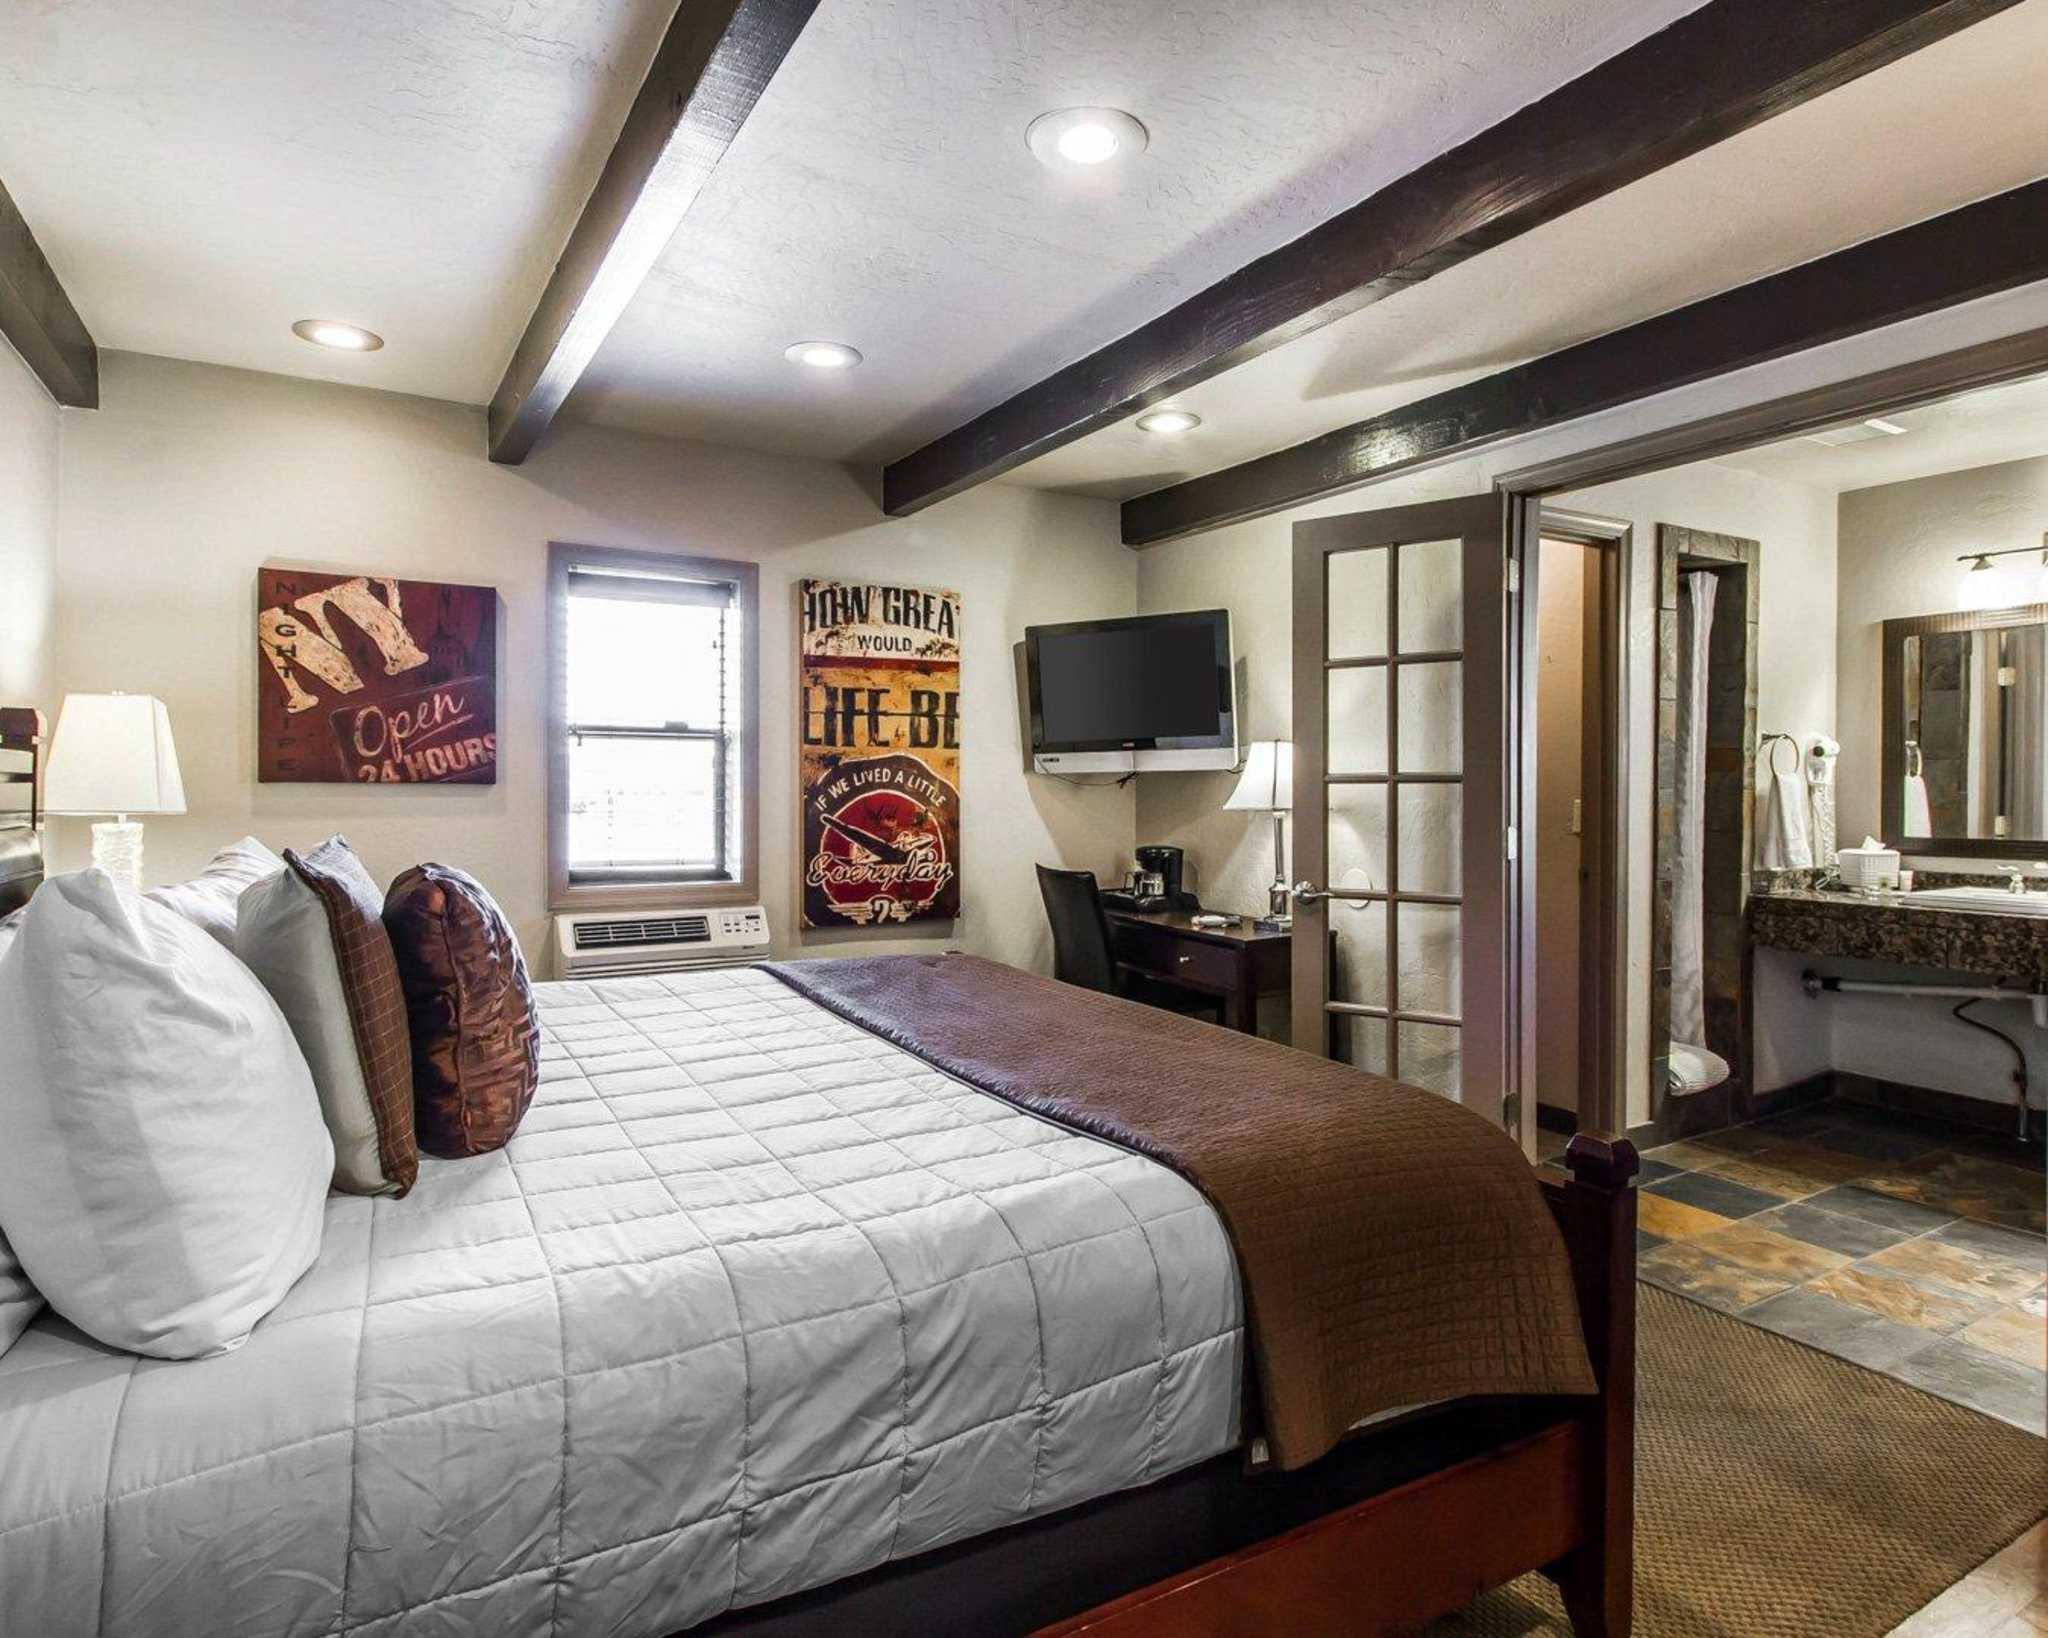 Rodeway Inn & Suites Downtowner-Rte 66 image 26